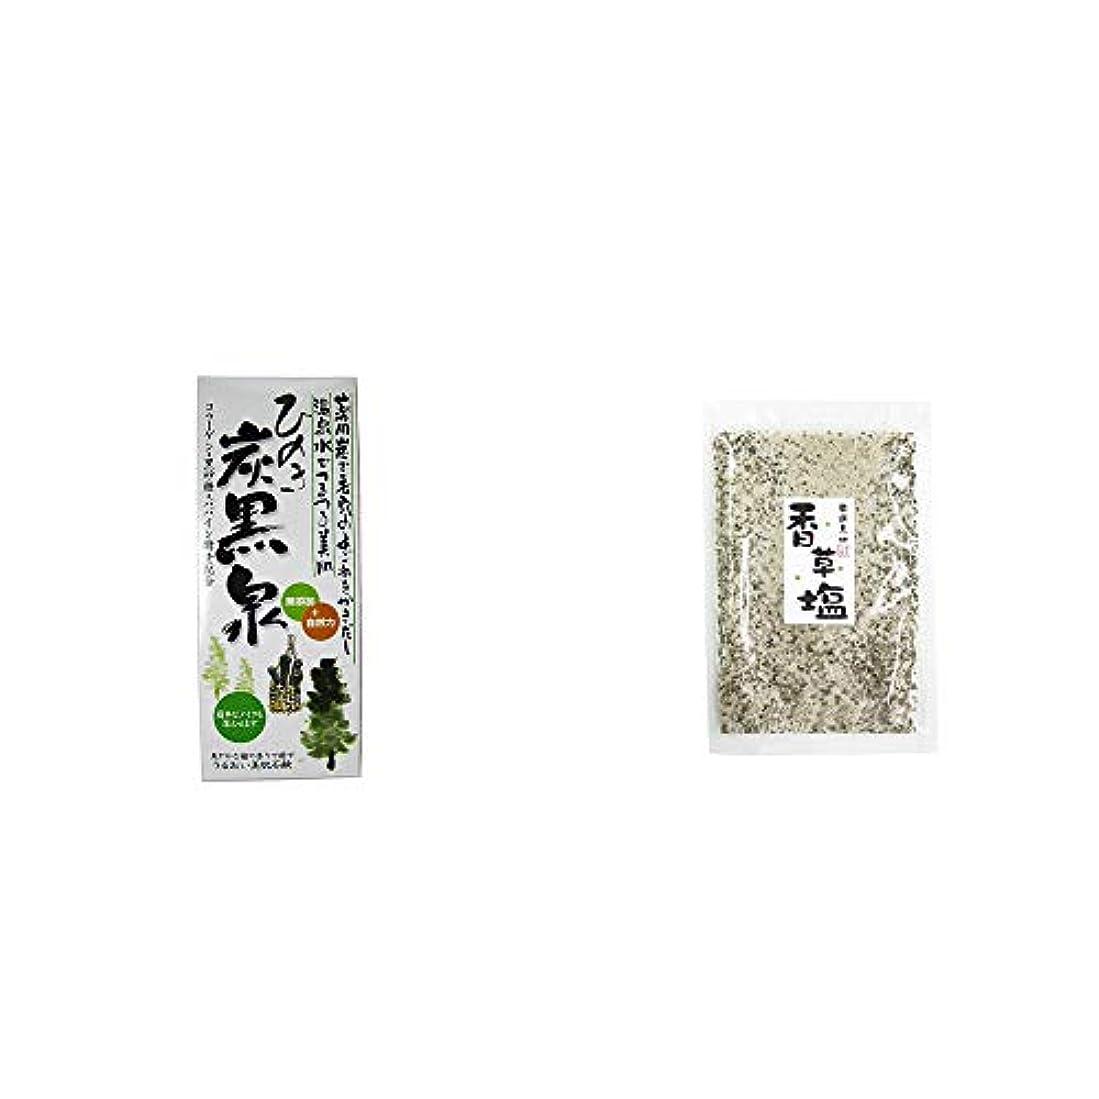 うれしいドキュメンタリー消毒剤[2点セット] ひのき炭黒泉 箱入り(75g×3)?香草塩 [袋タイプ](100g)